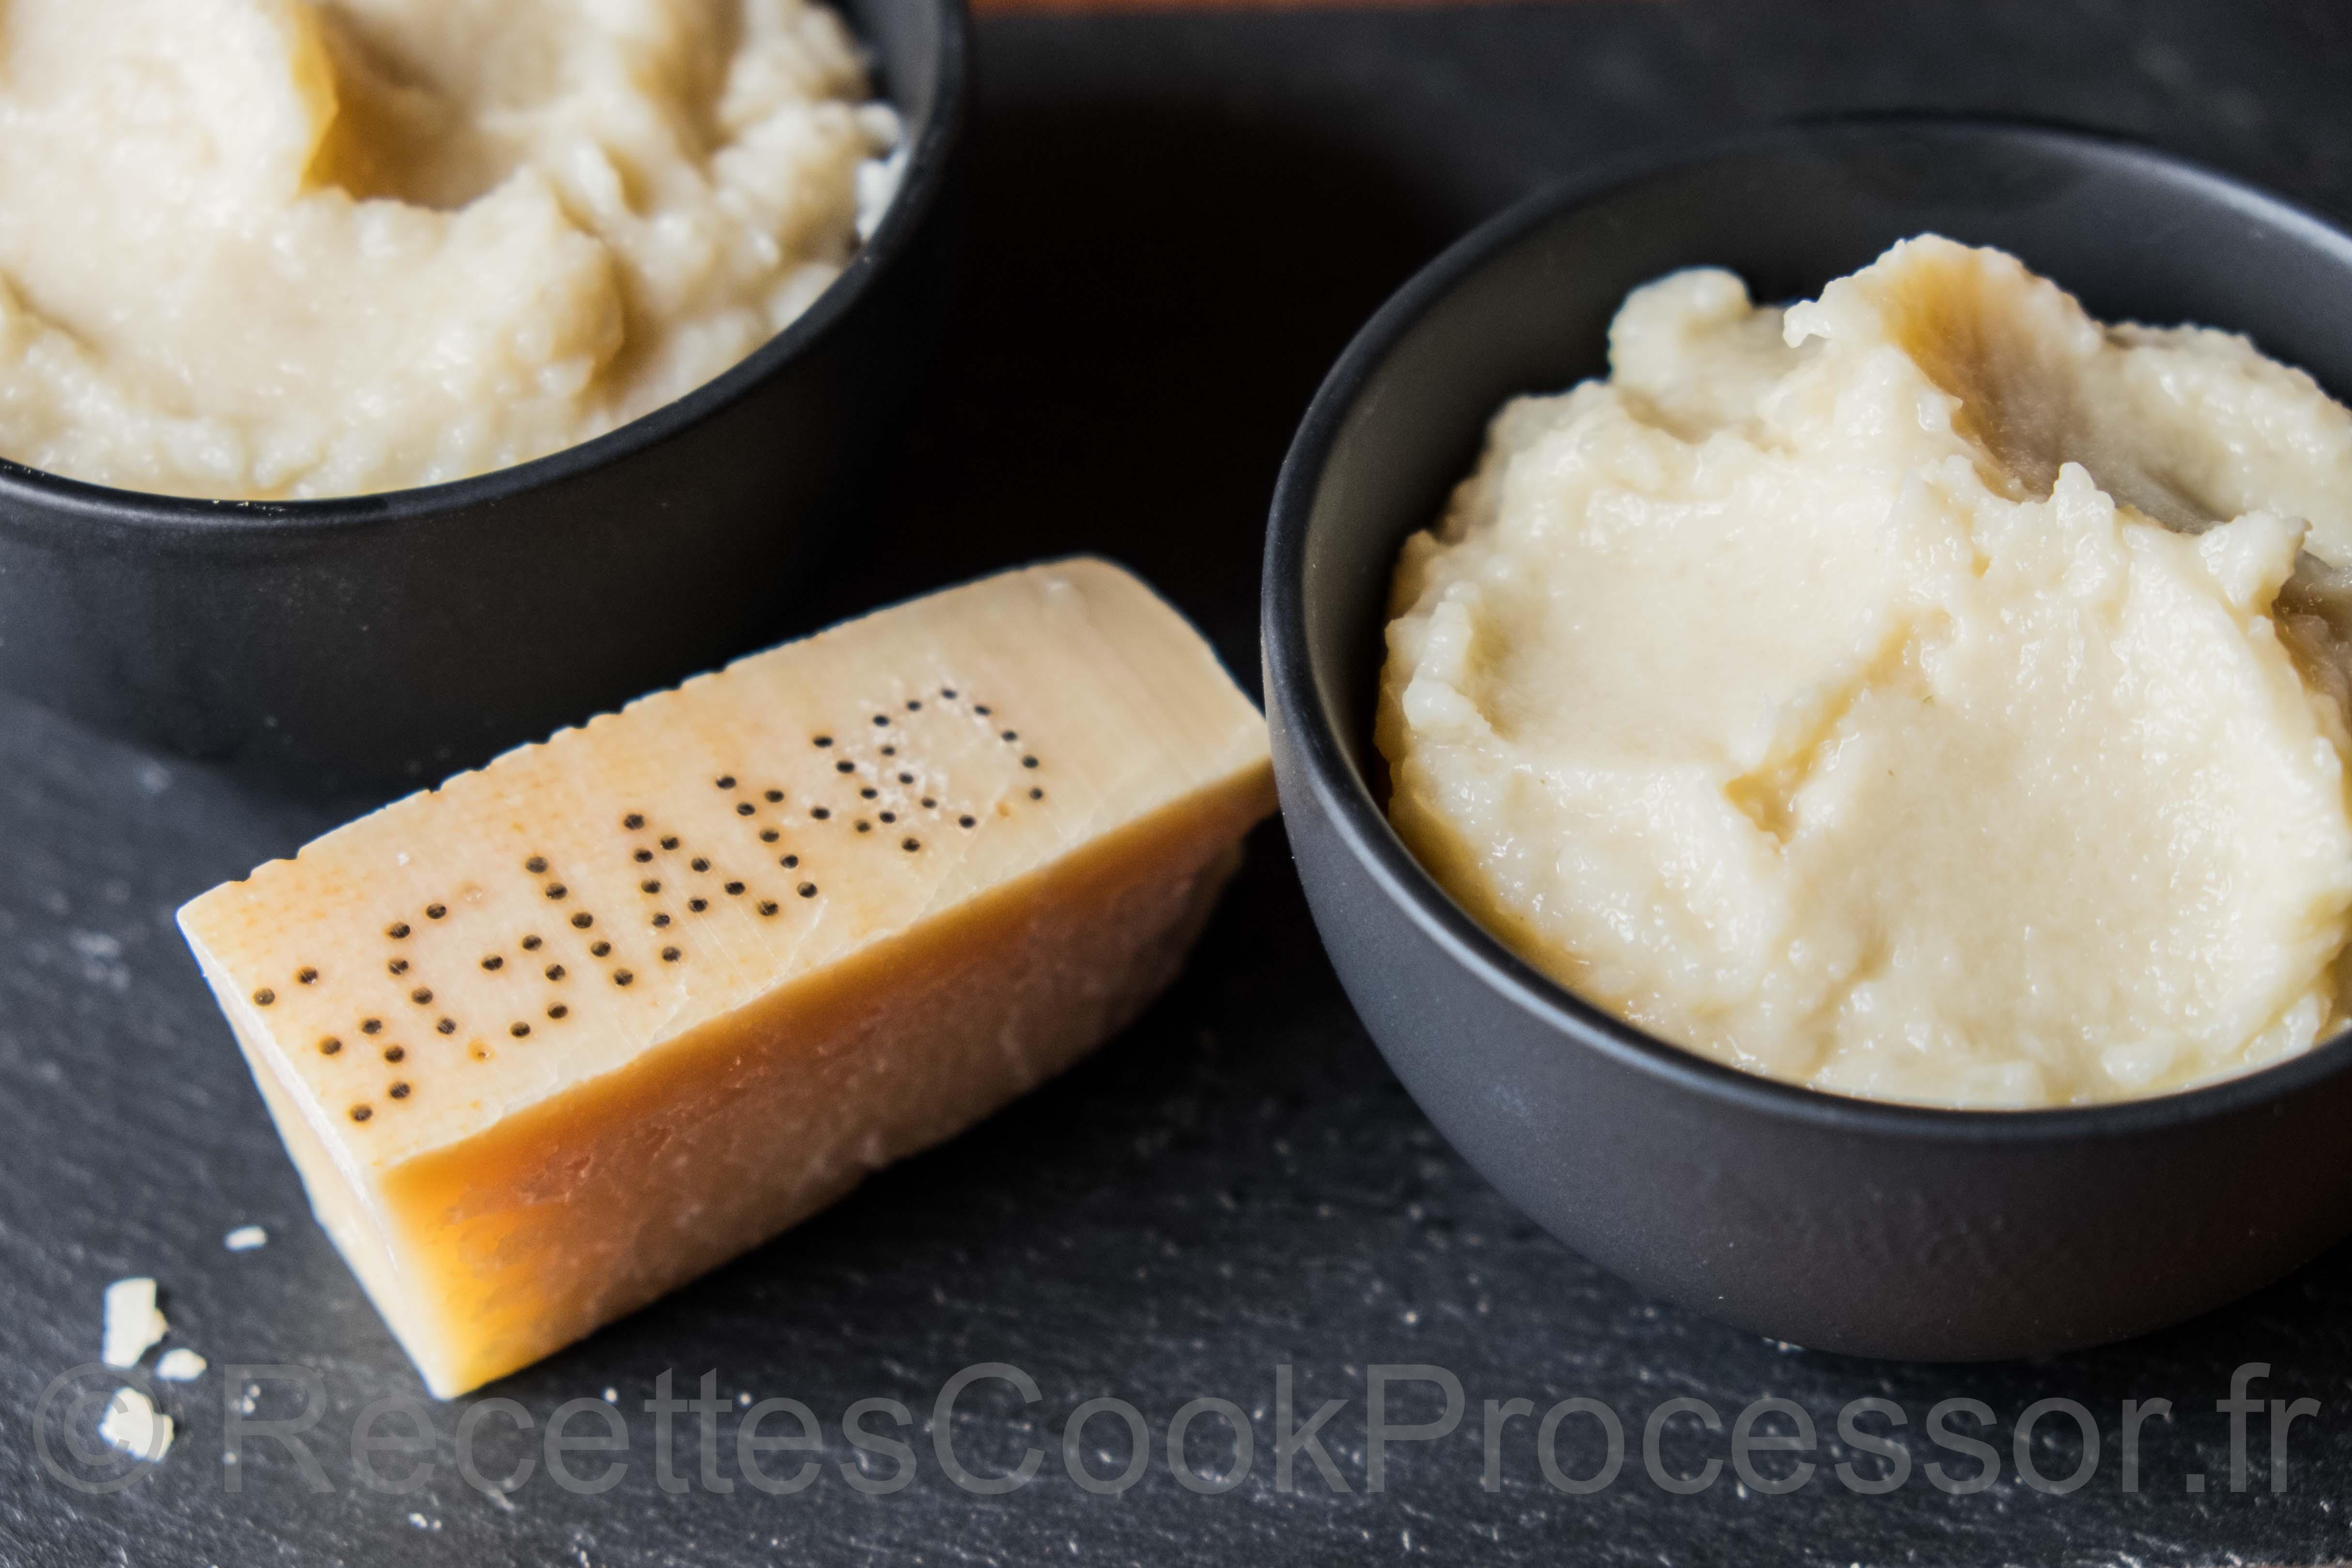 Purée de ChouFleur au Cook Processor de KitchenAid